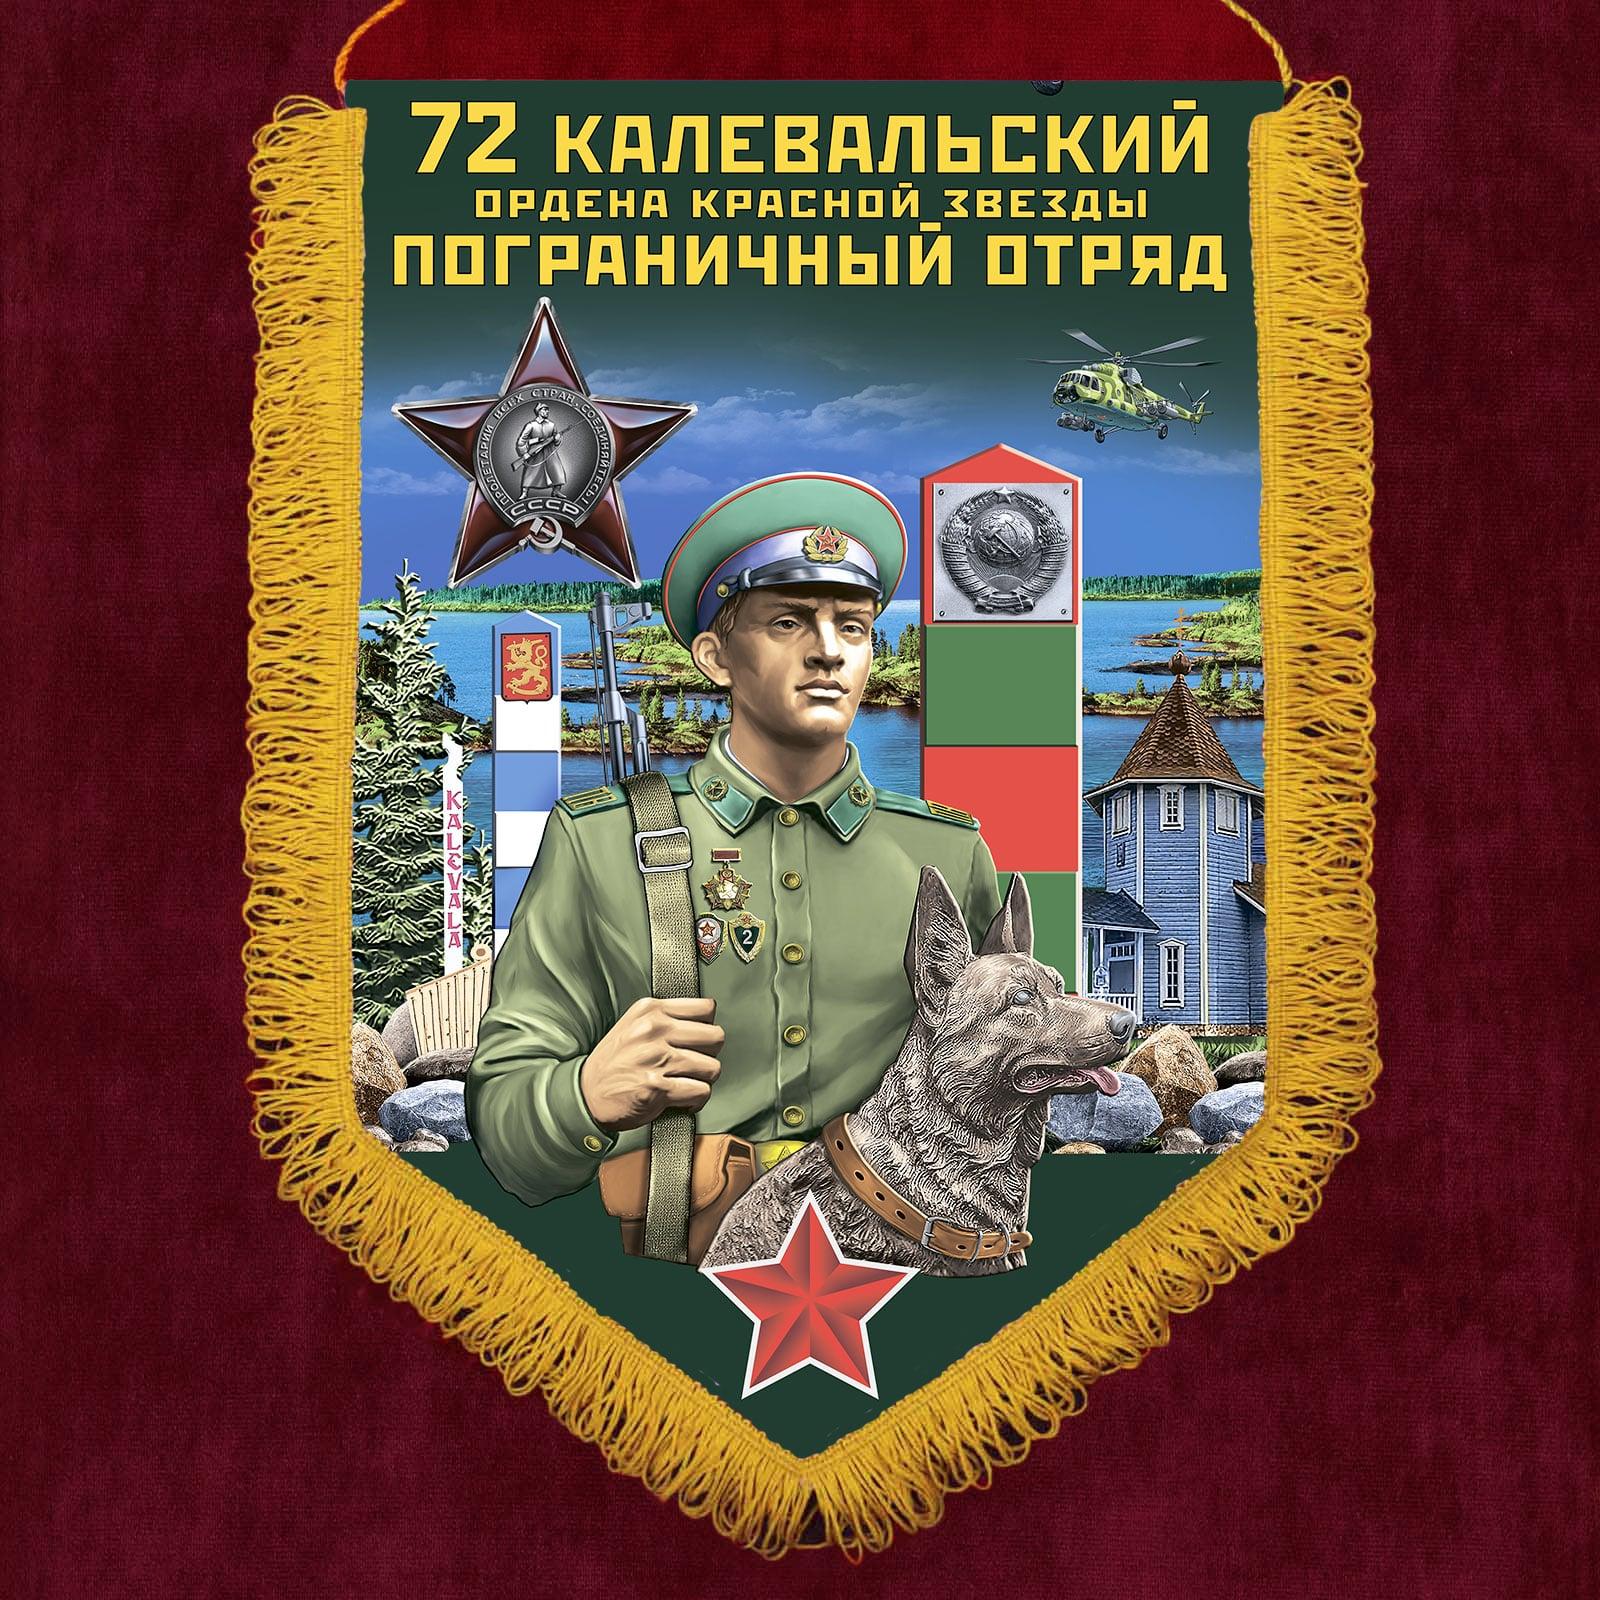 """Сувенирный вымпел """"72 Калевальский пограничный отряд"""""""